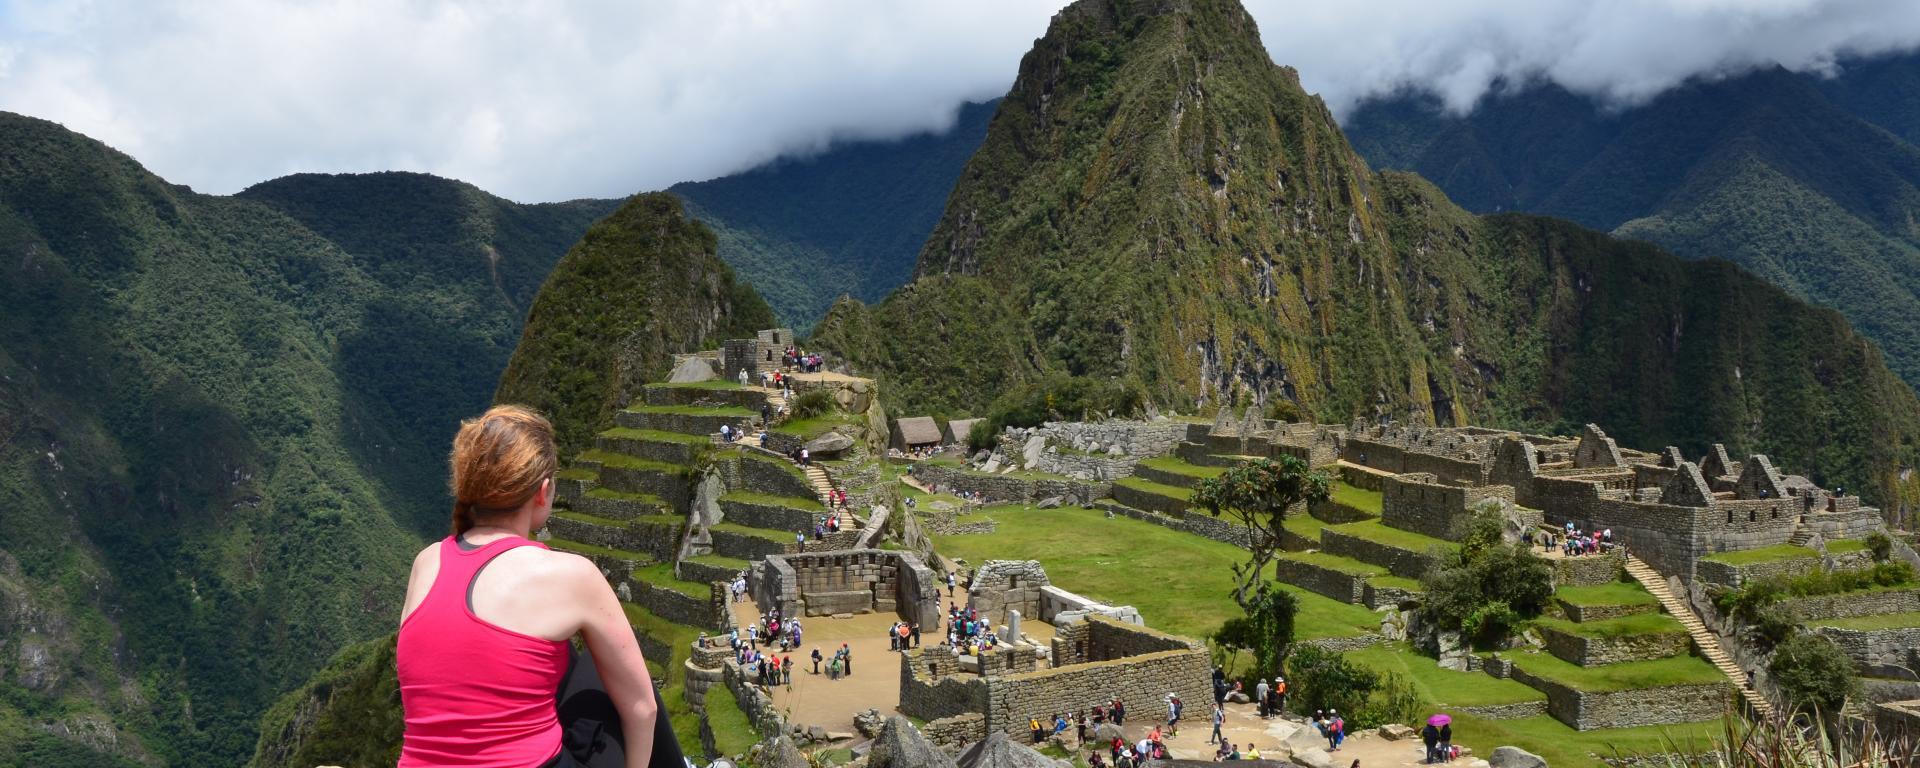 Student at the top of Macchu Picchu Peru